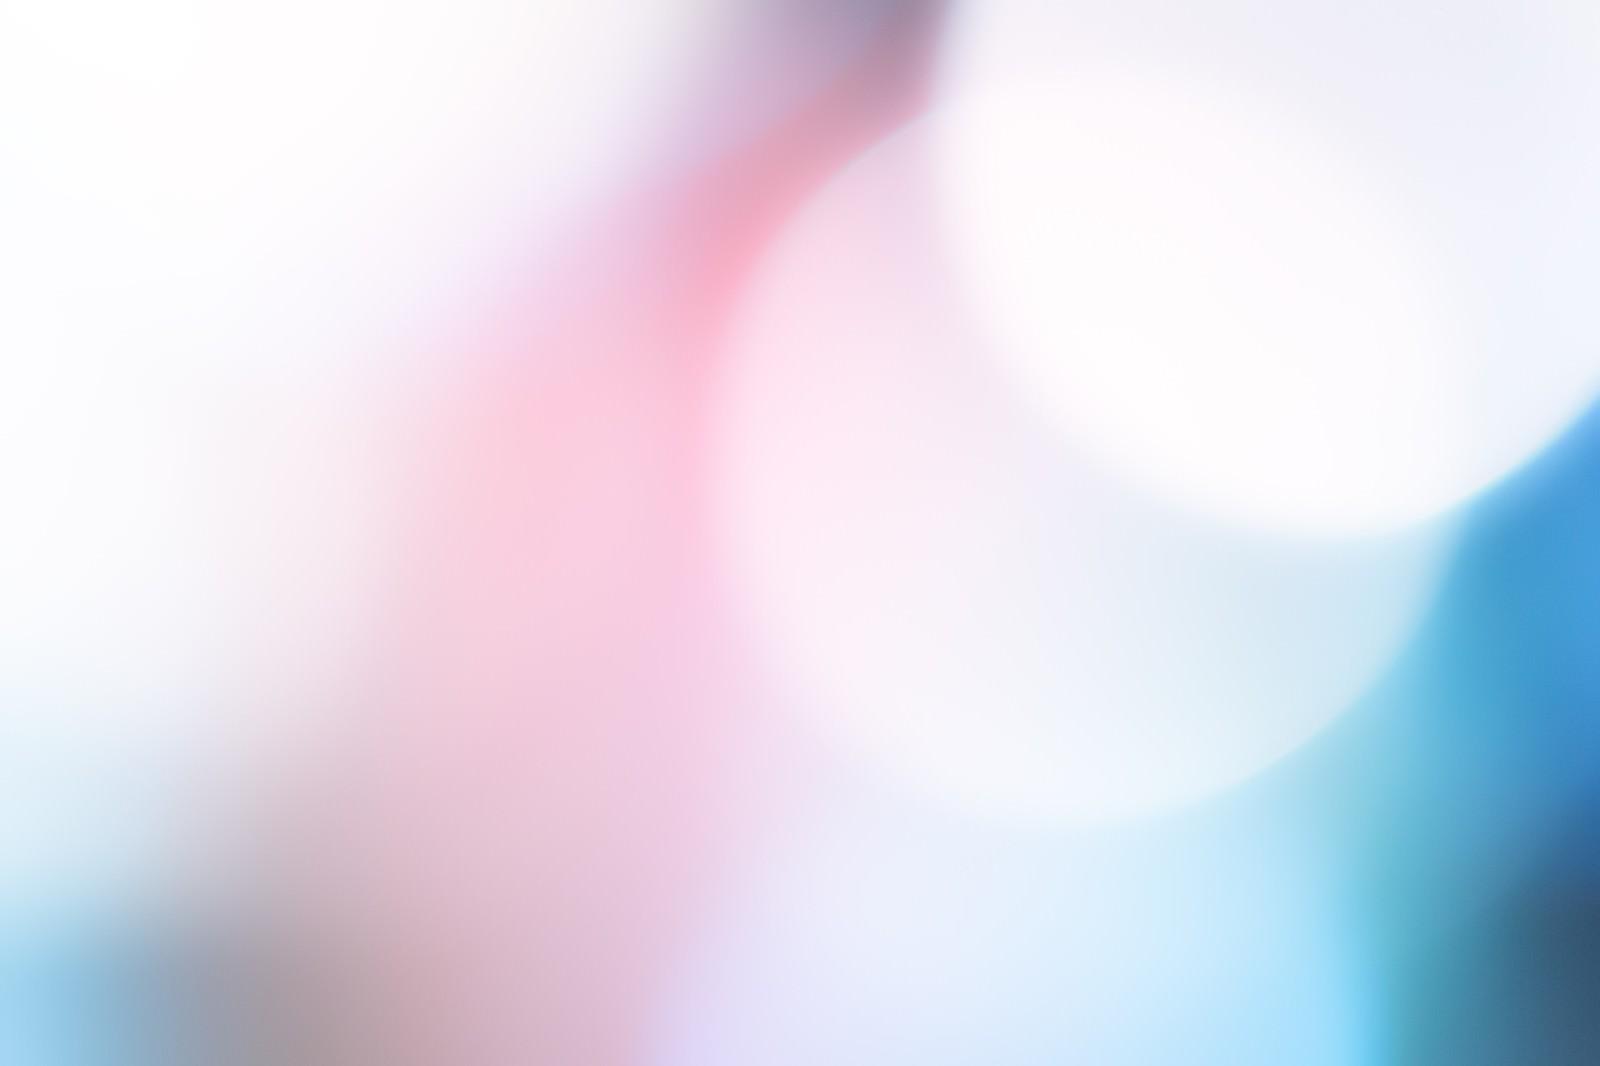 「青白い光」の写真